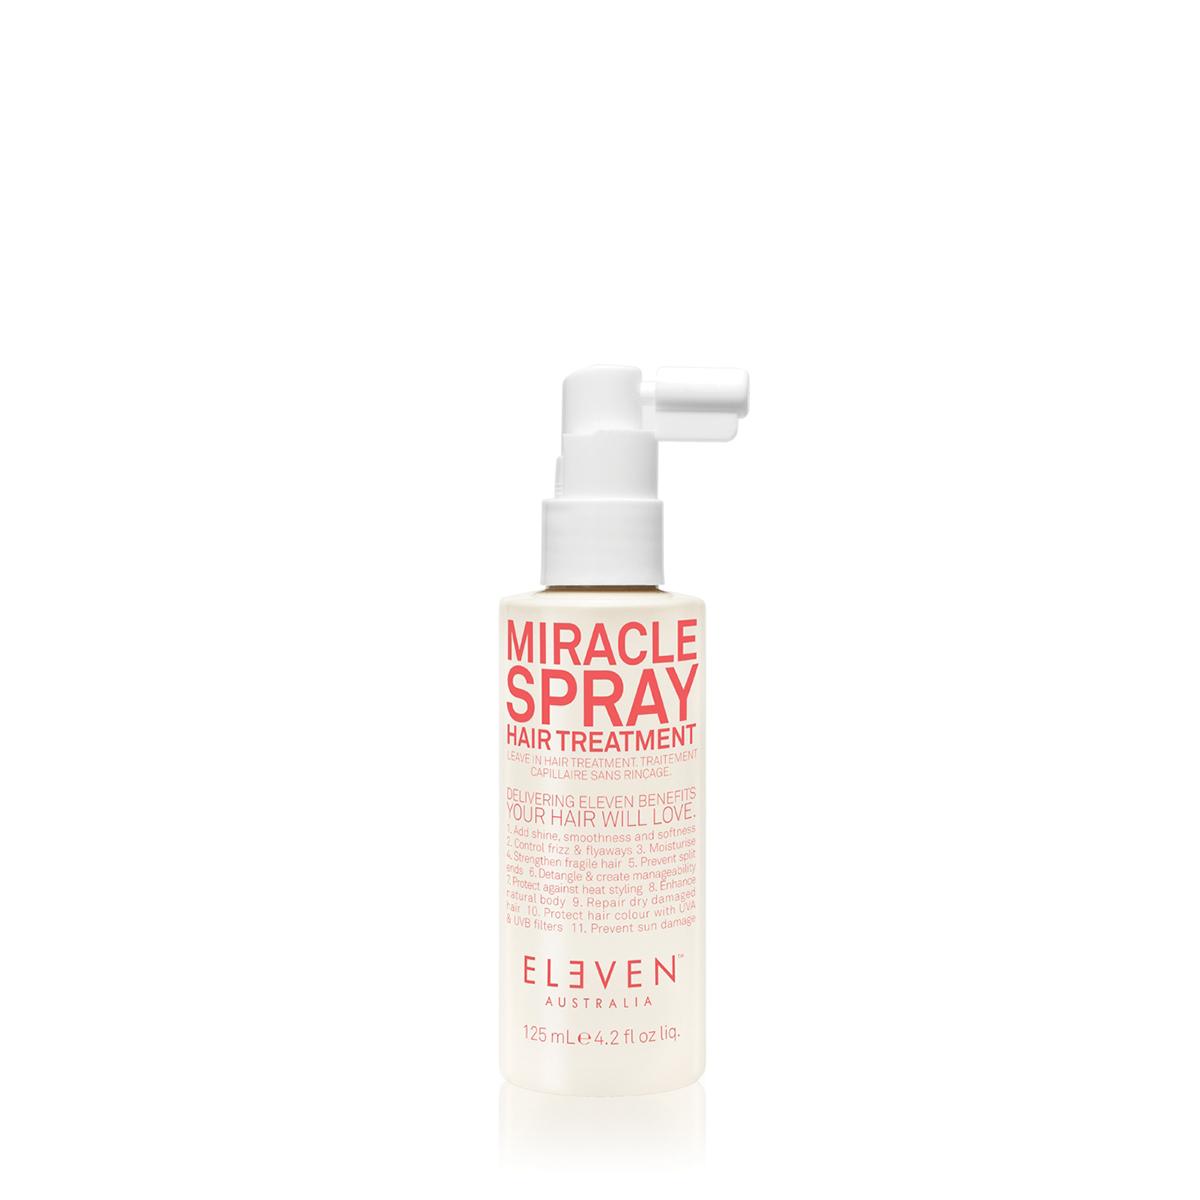 MIRACLE SPRAY HAIR TREATMENT